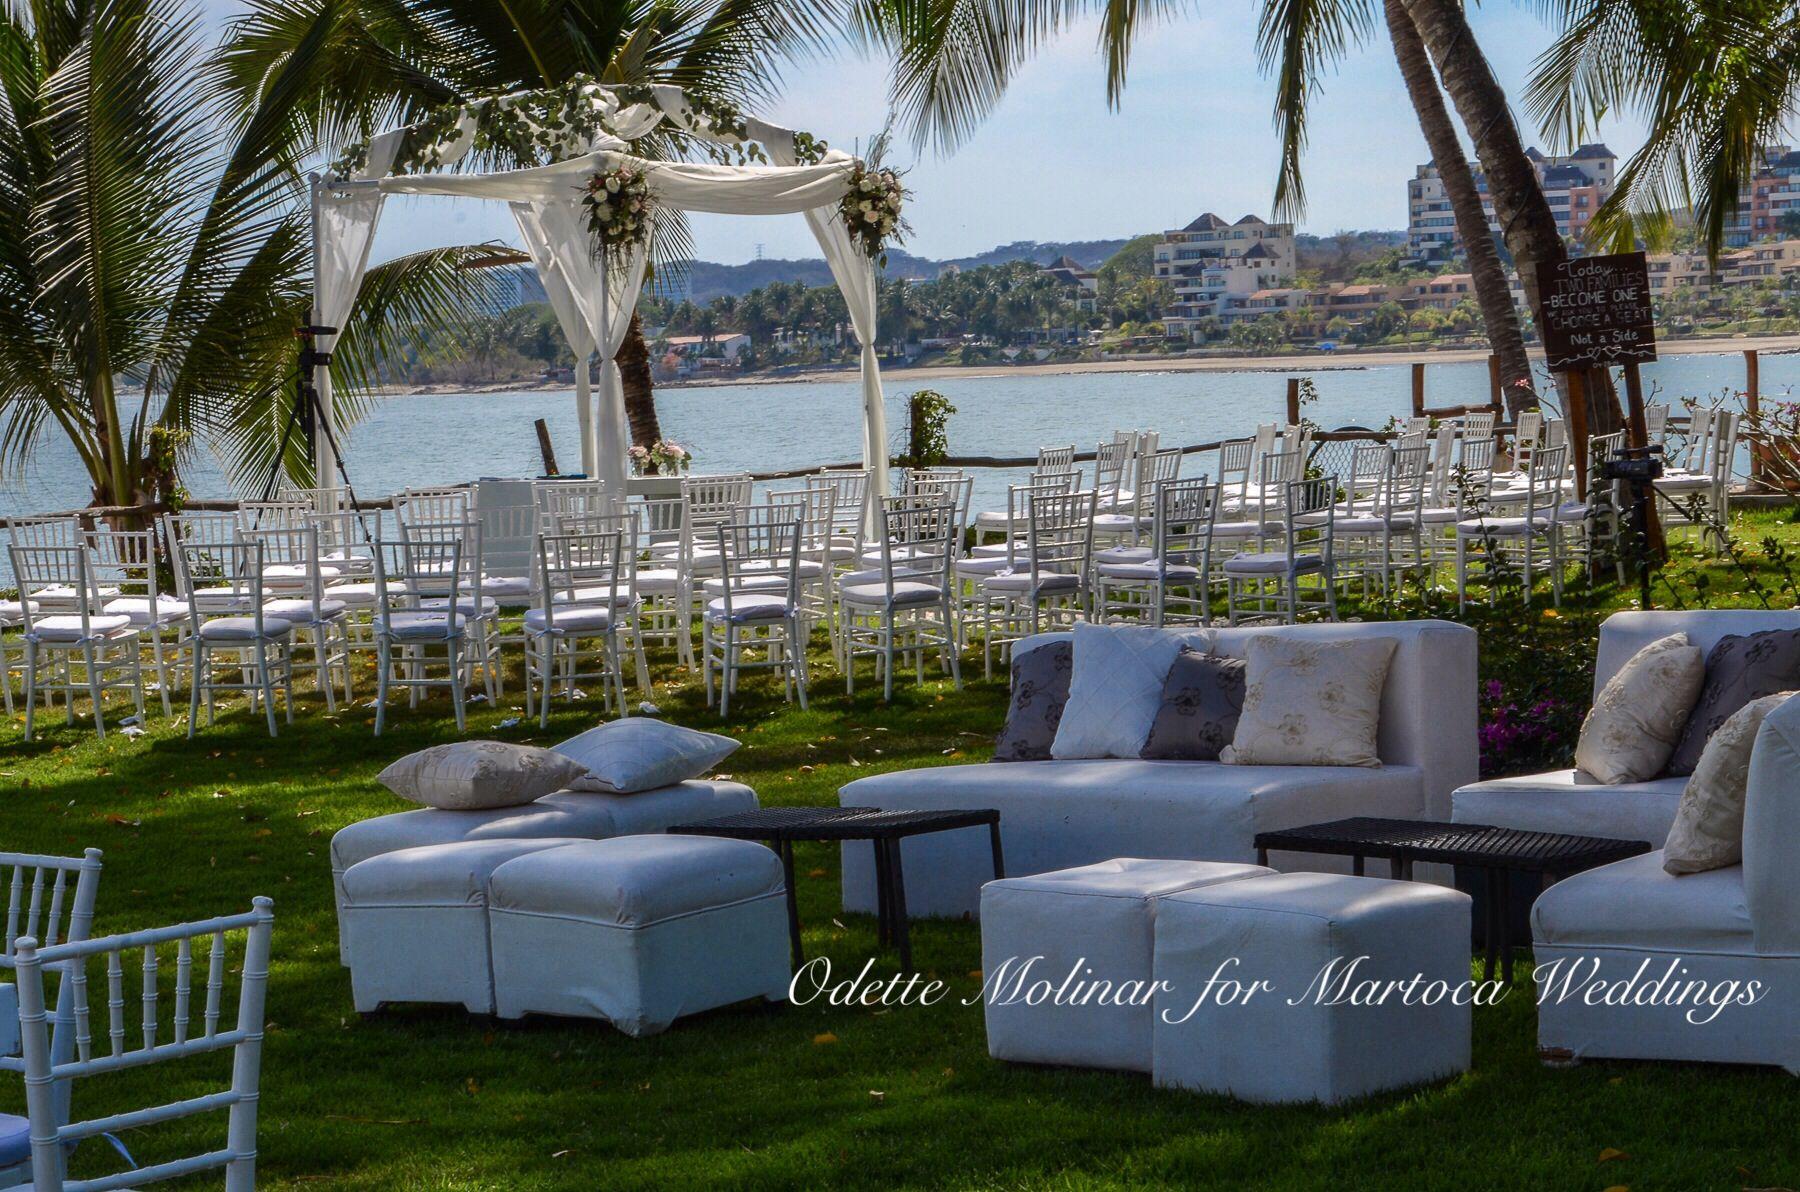 Wedding Planner Odette Molinar Venue Martoca Beach Garden  # Muebles Nayarit